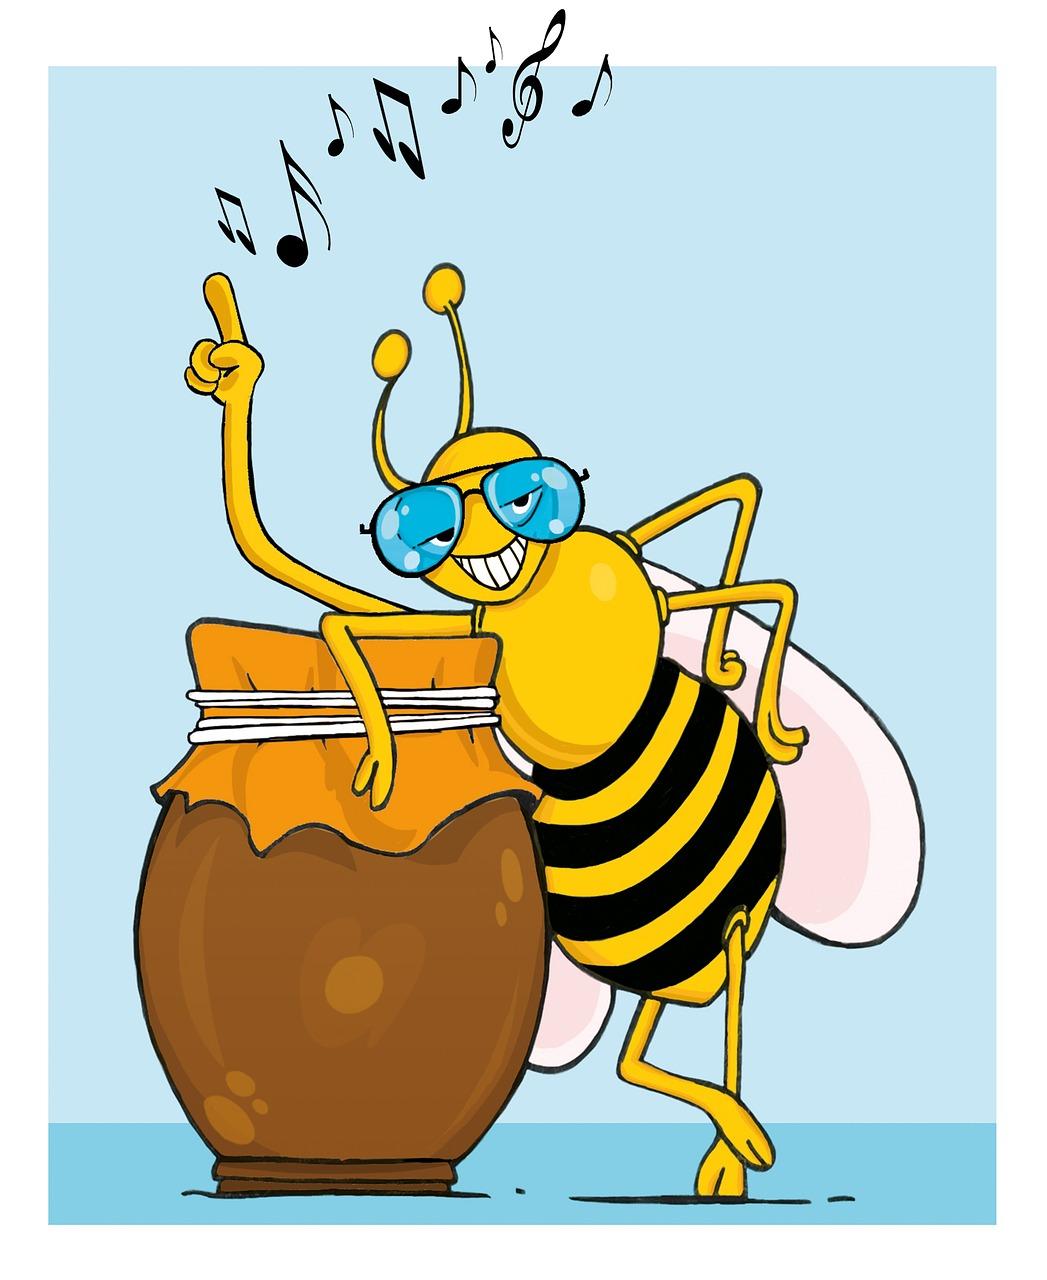 Картинка прикольная пчела для мобильного это